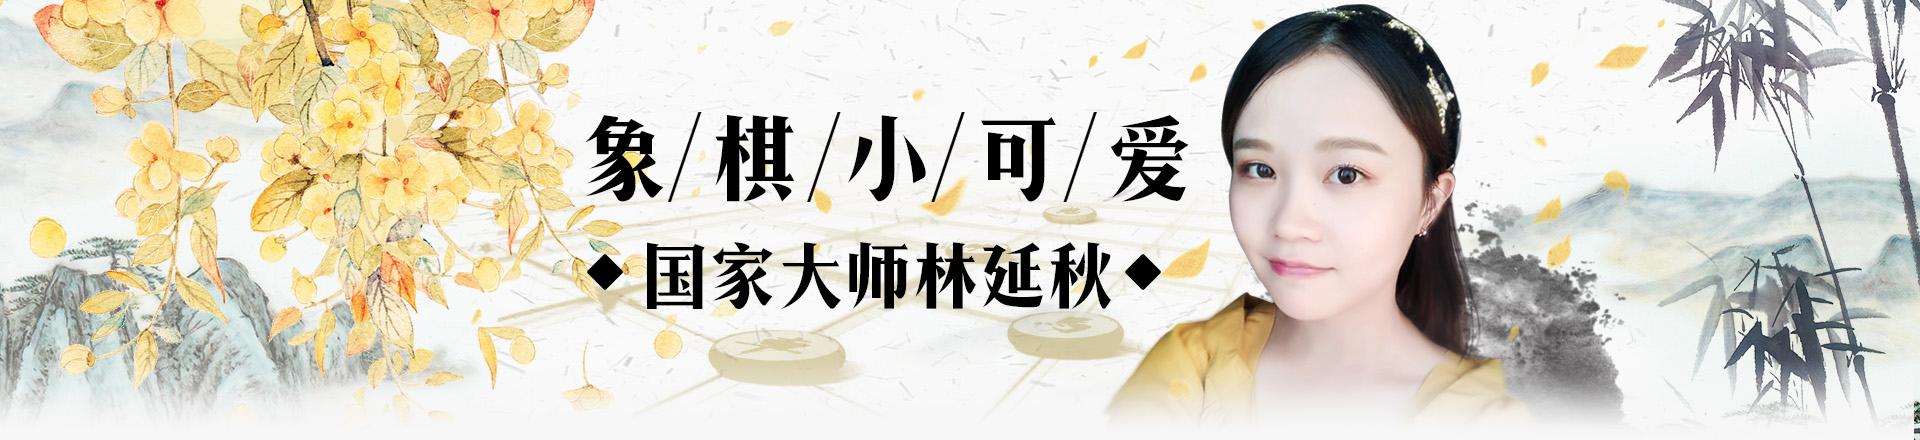 林延秋中国象棋直播_林延秋视频直播 - 虎牙直播图片